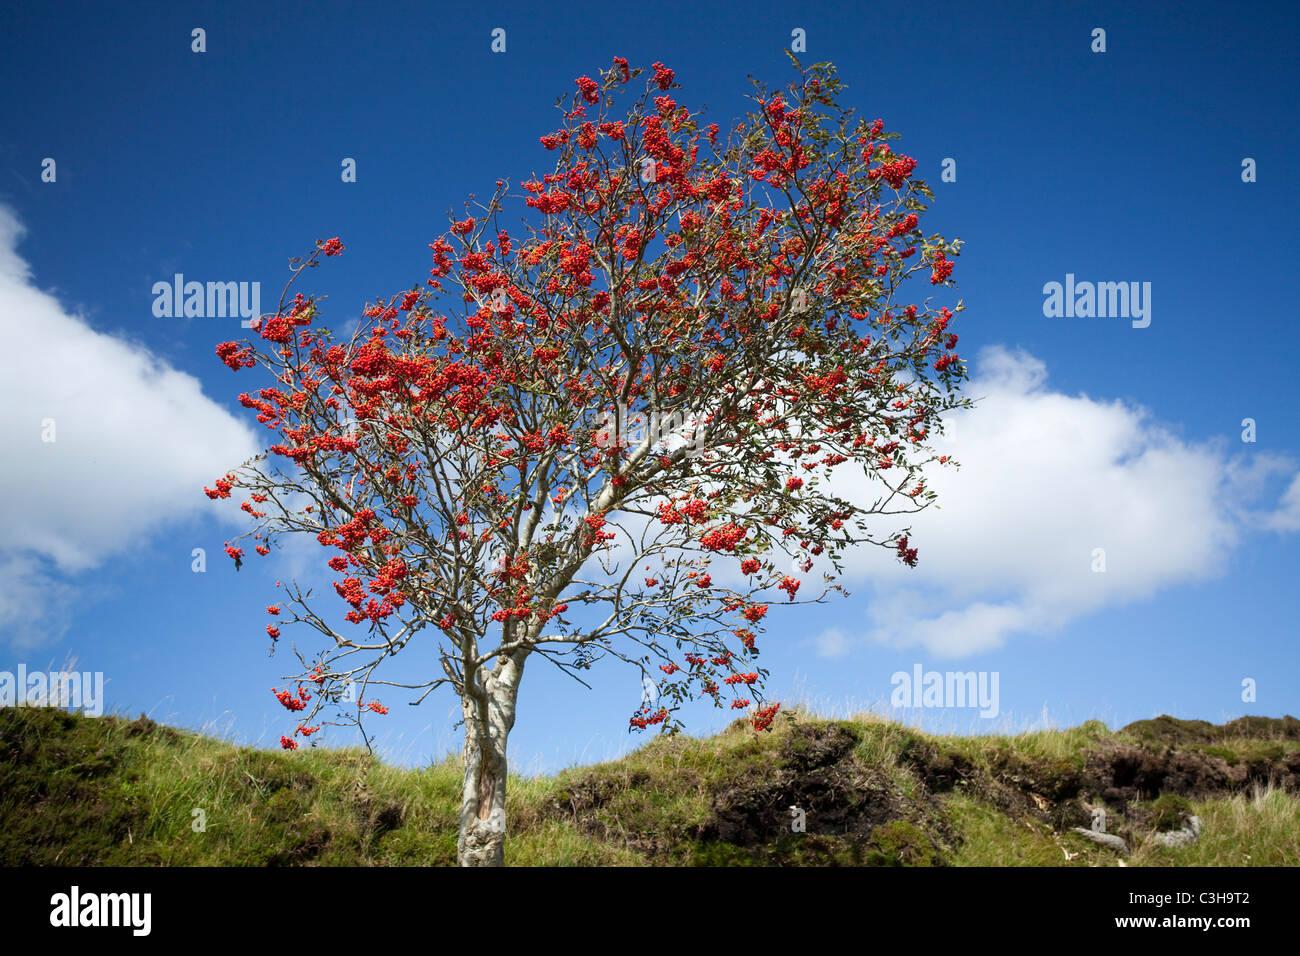 Autumn berries on a mountain ash tree (sorbus aucuparia), Ox Mountains, County Sligo, Ireland. - Stock Image